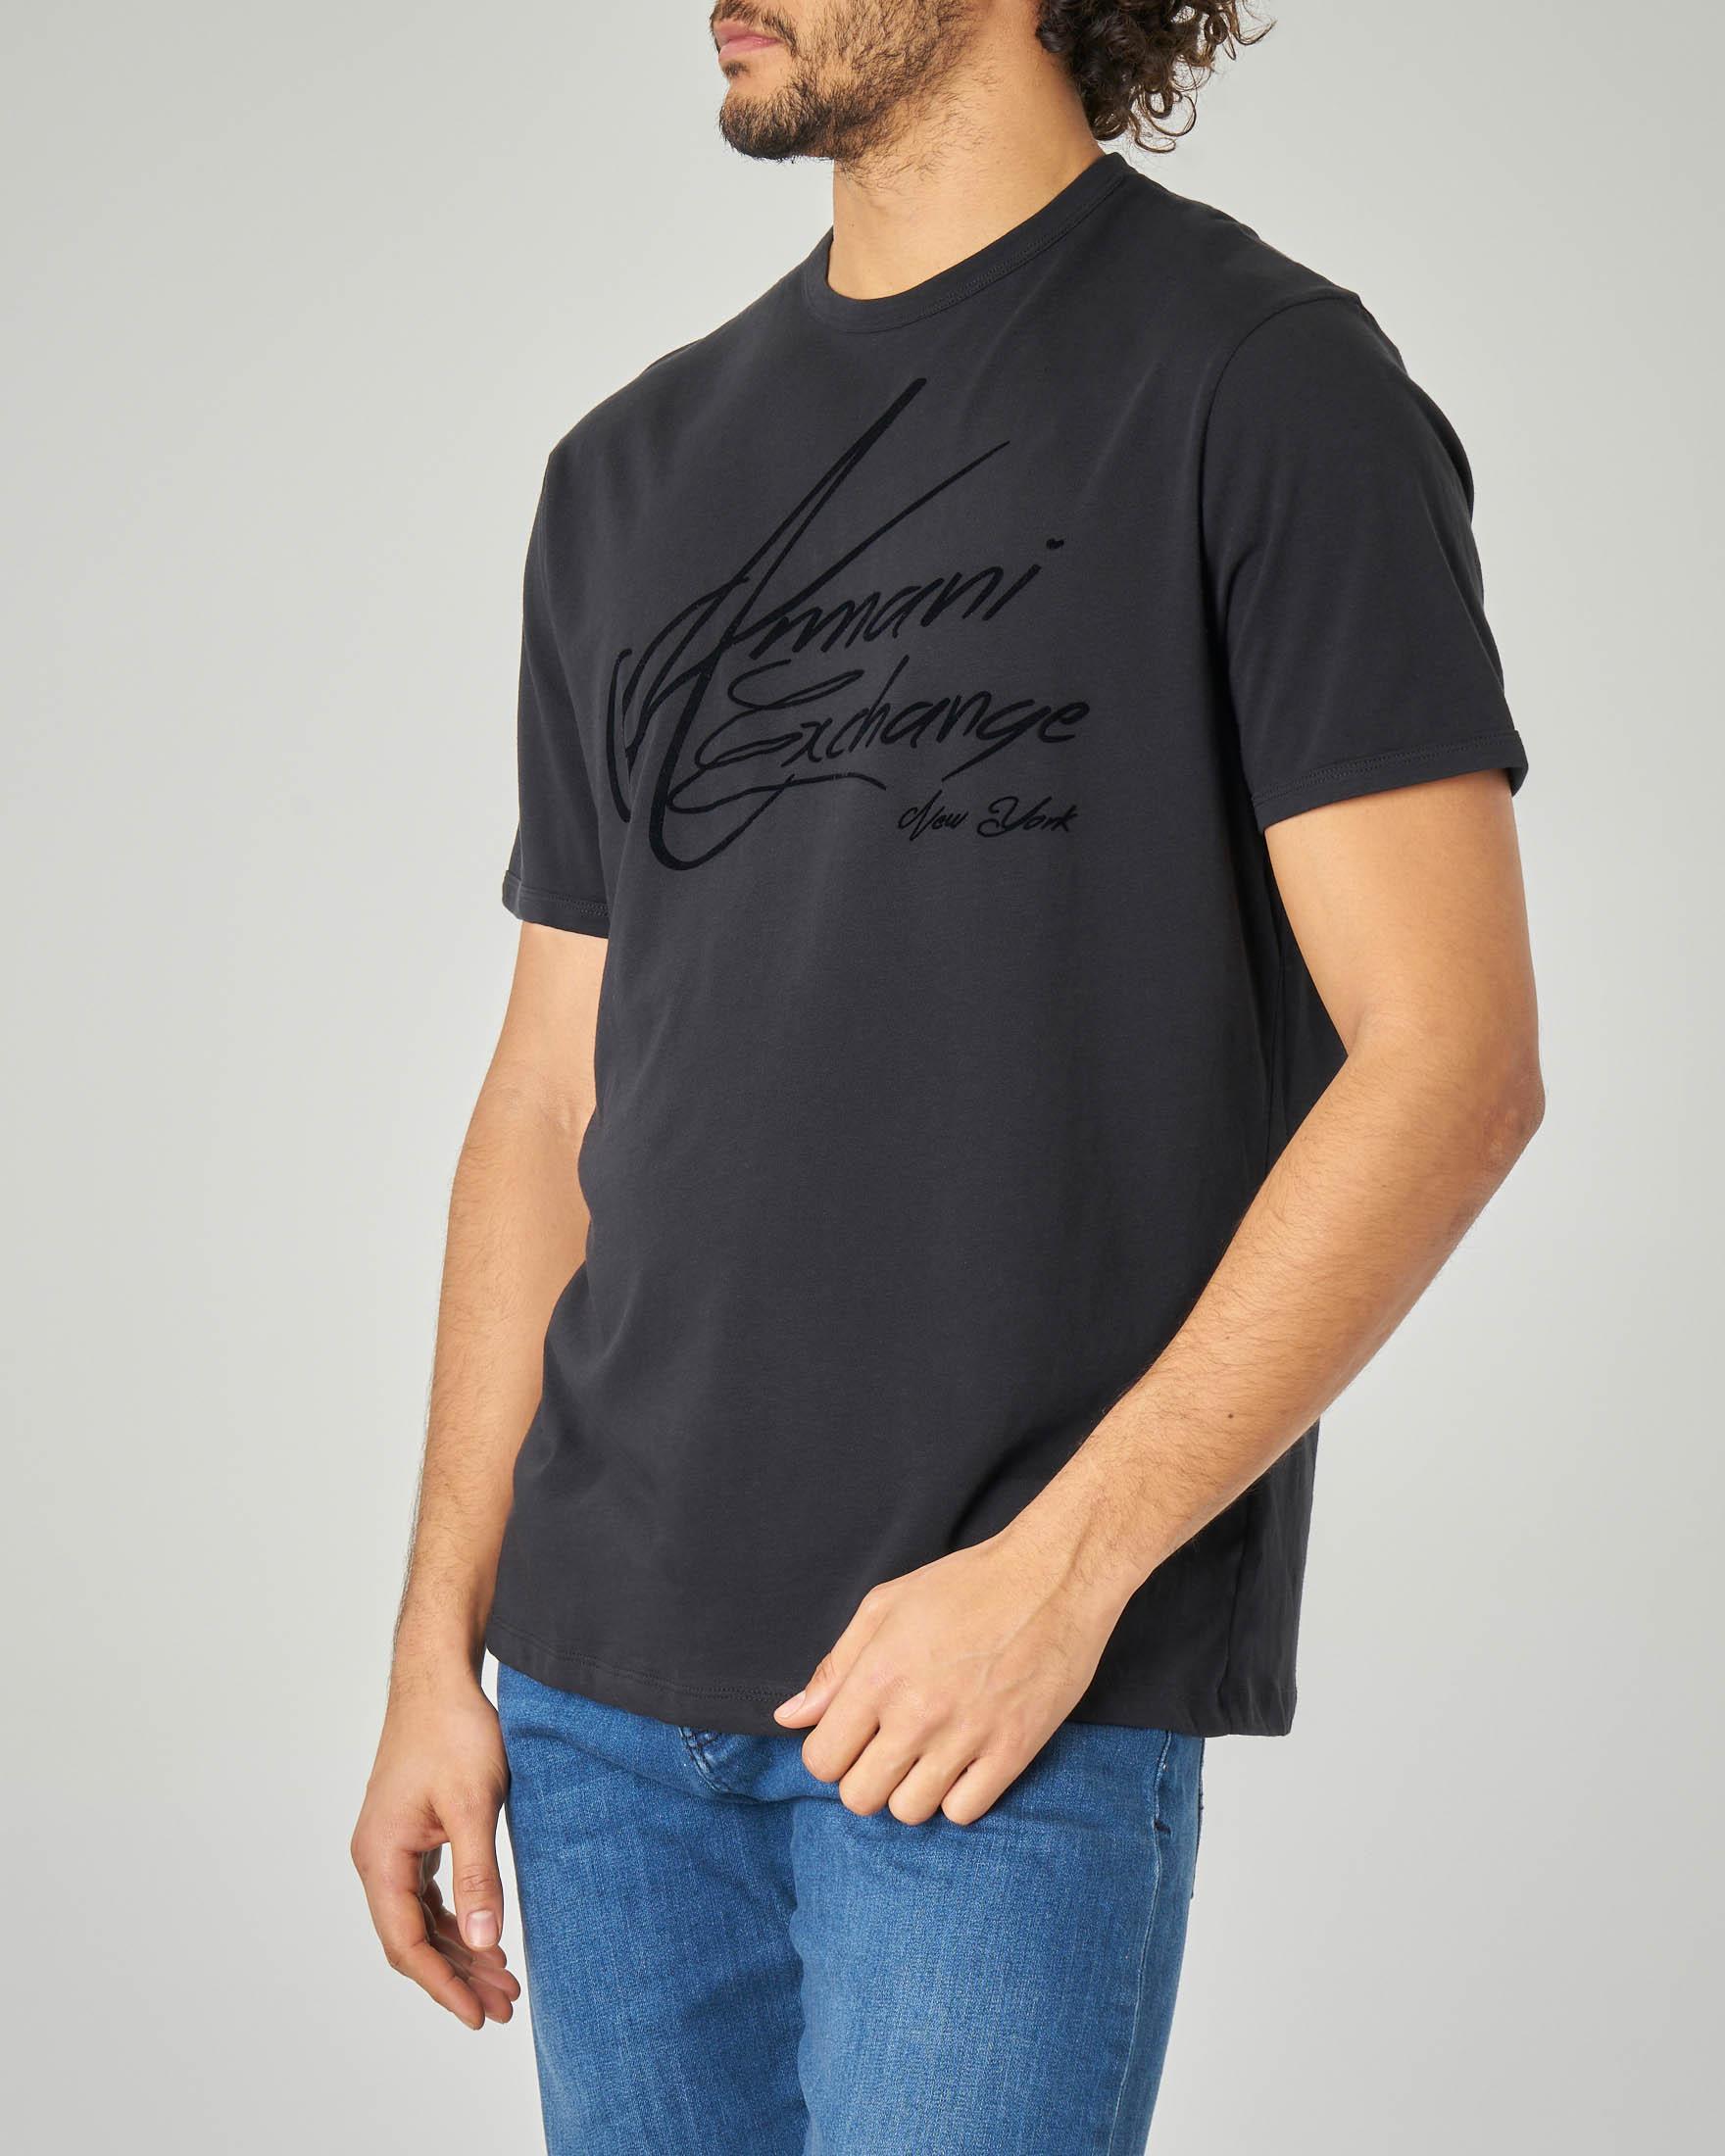 T-shirt nera con logo firmato